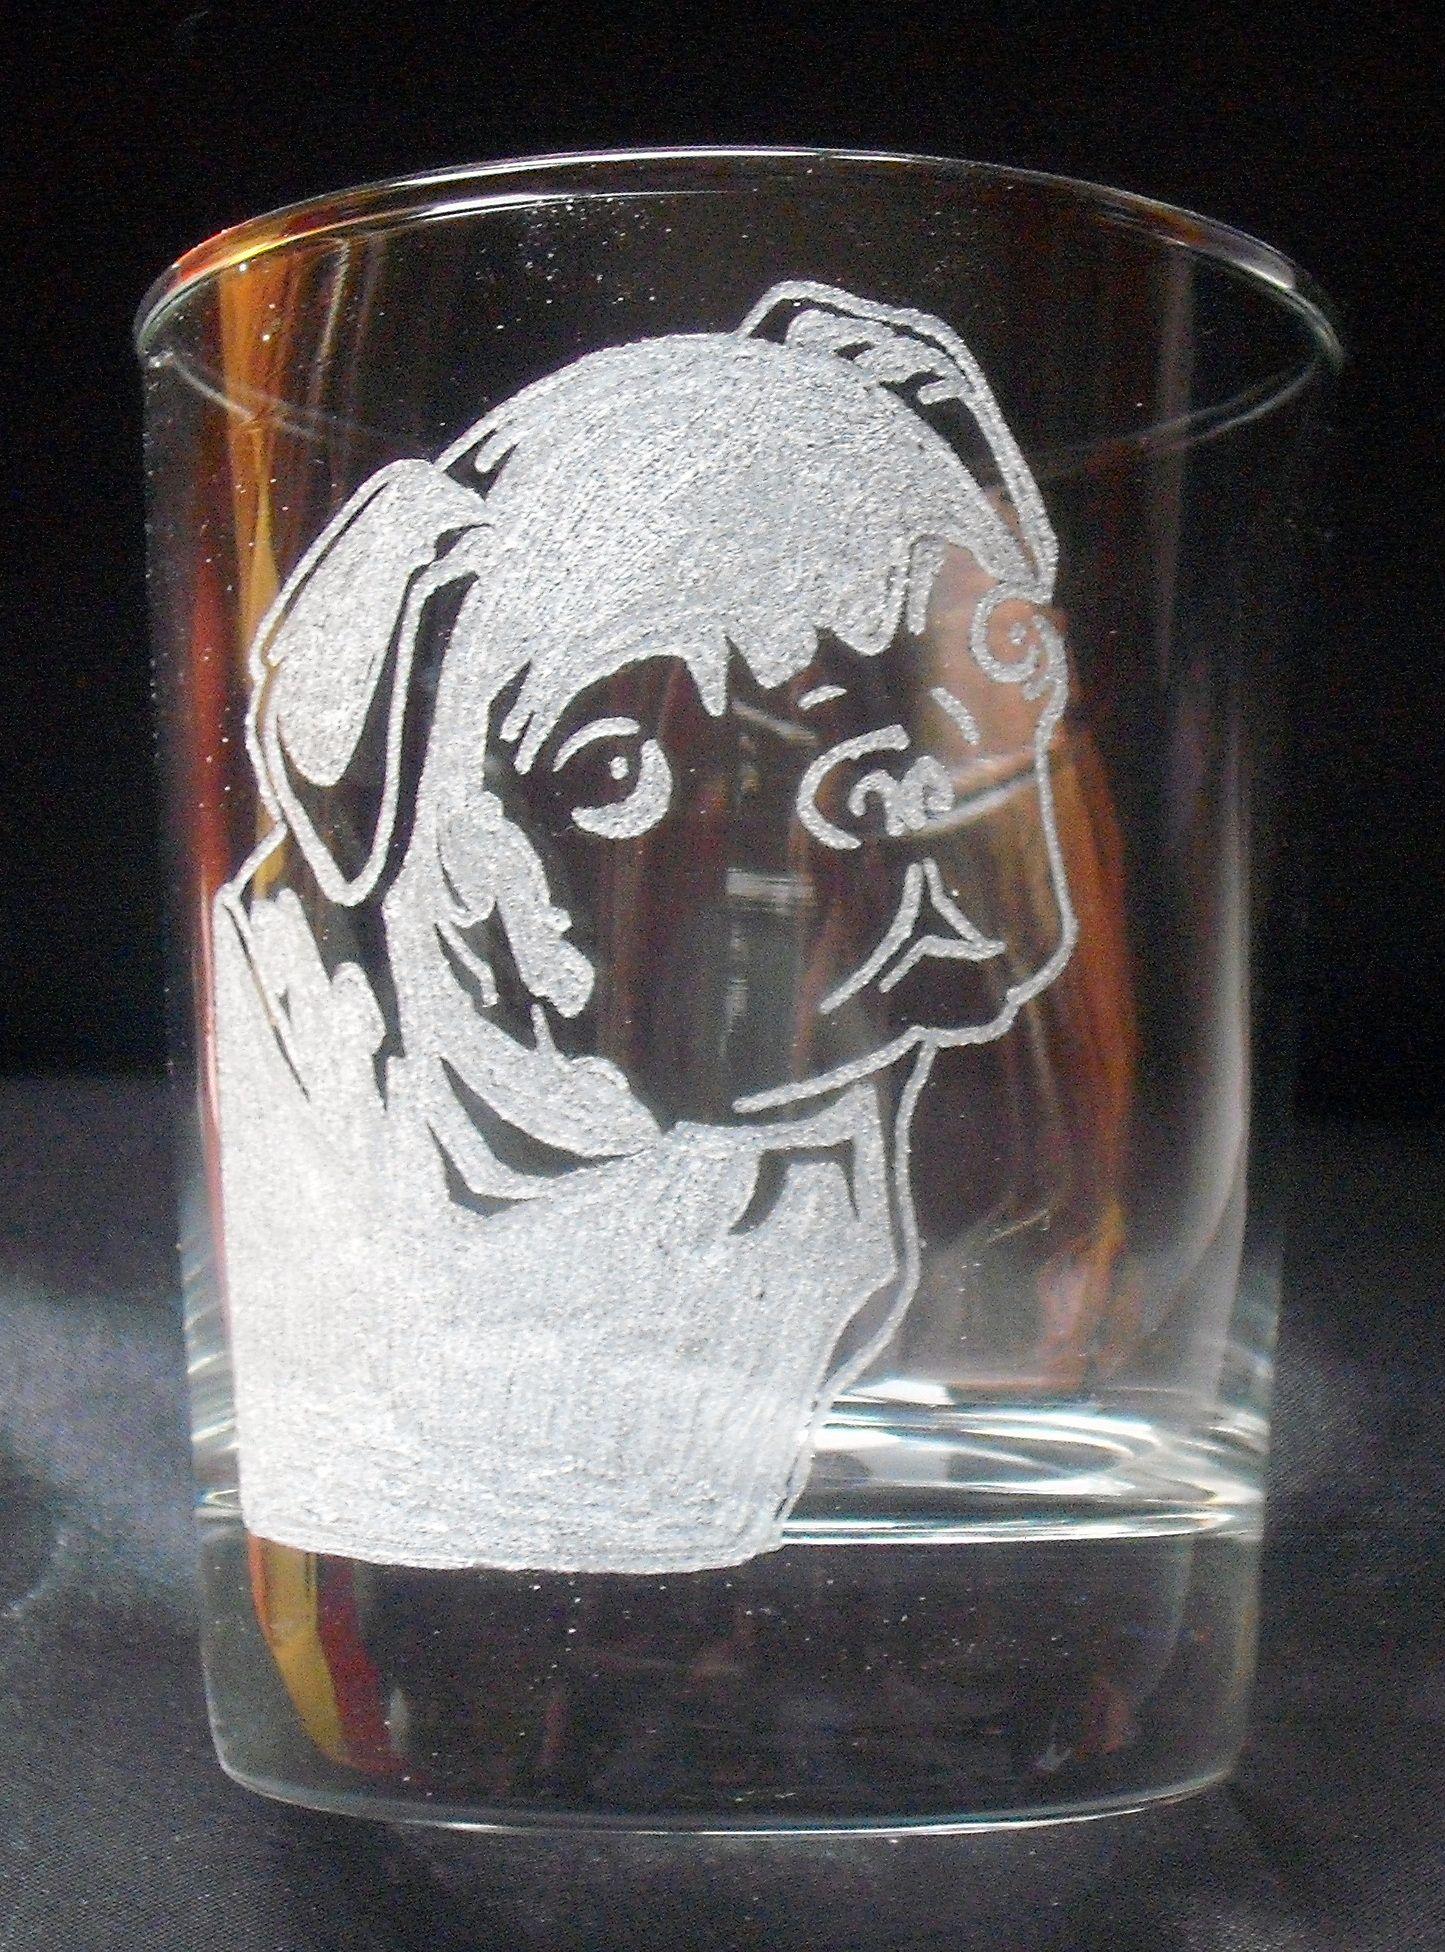 gravure sur verre chien bouldogue gravure sur verre pinterest. Black Bedroom Furniture Sets. Home Design Ideas